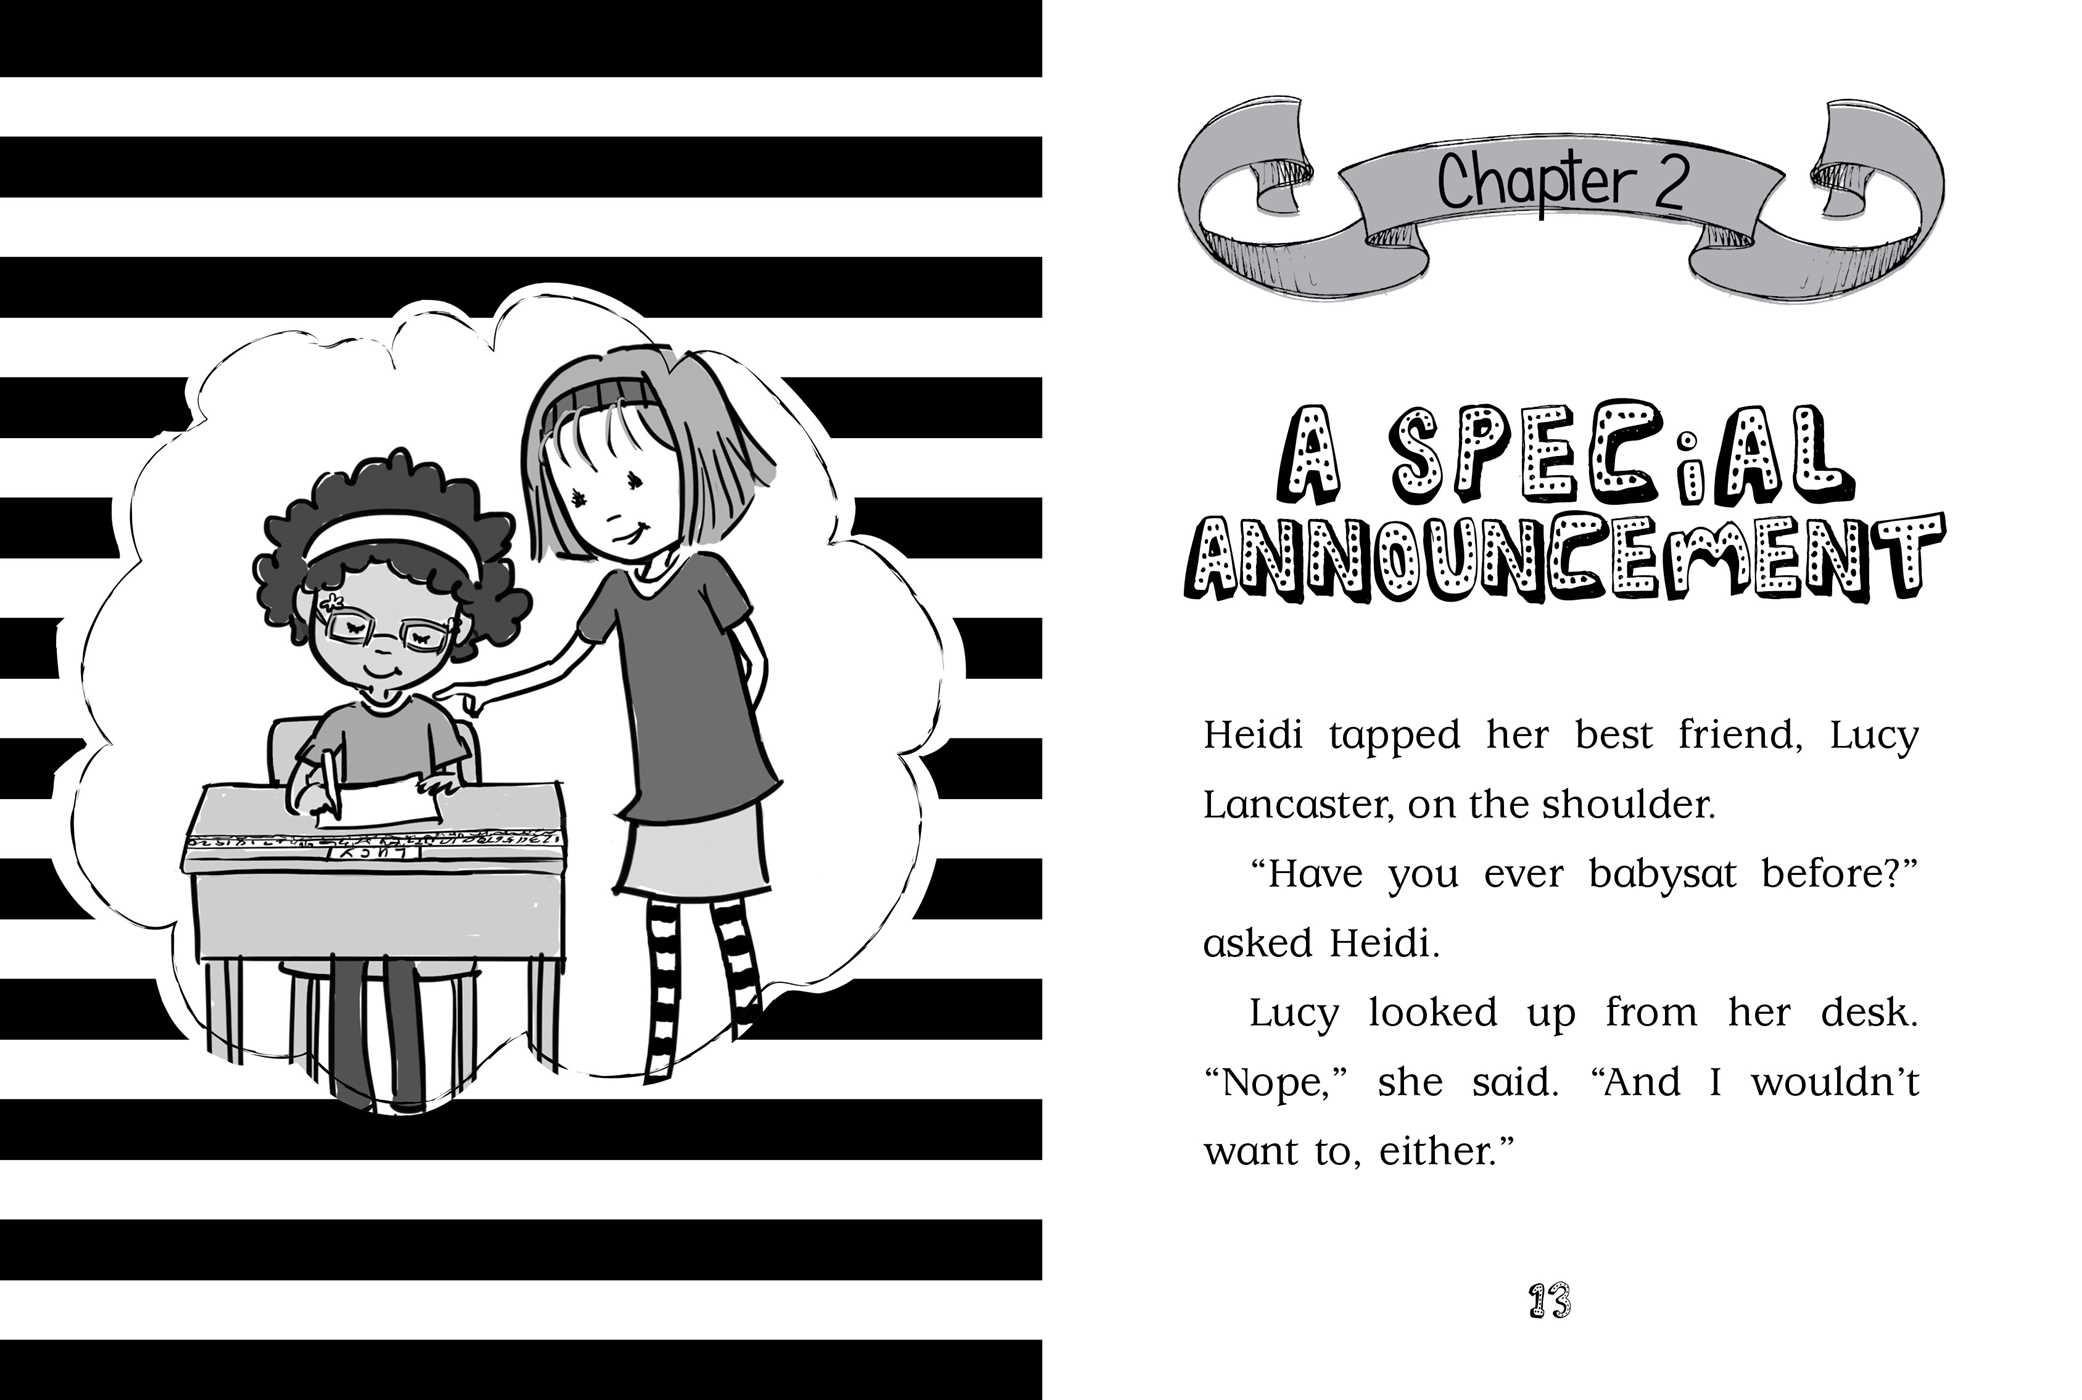 Heidi heckelbeck is the bestest babysitter 9781481446303.in04